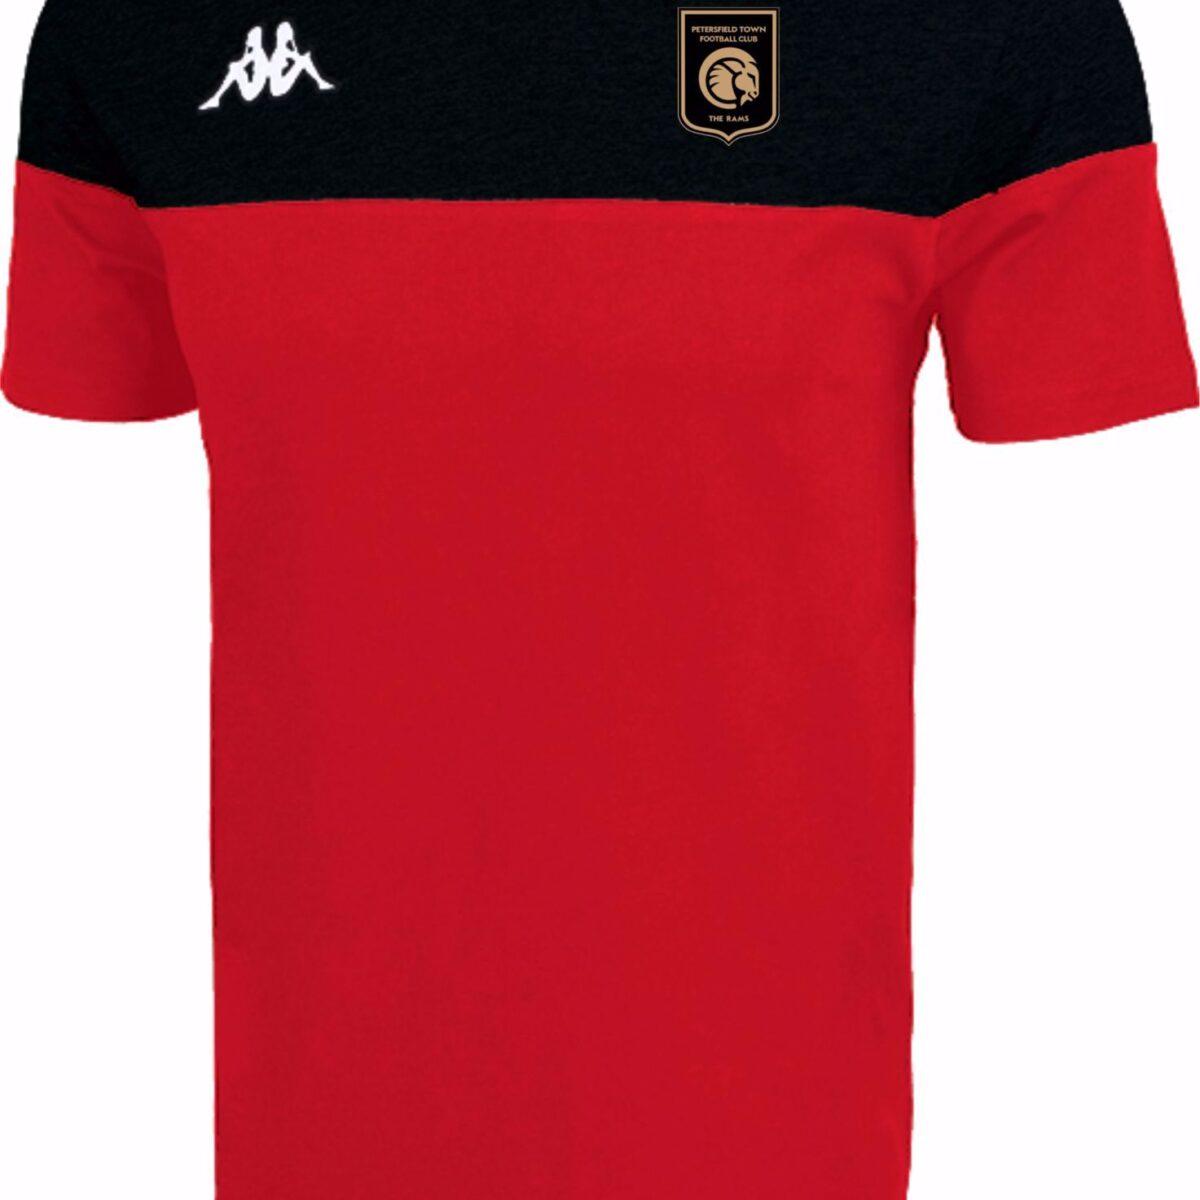 Kappa Siano T SHIRT - Petersfield Town FC Red/Black